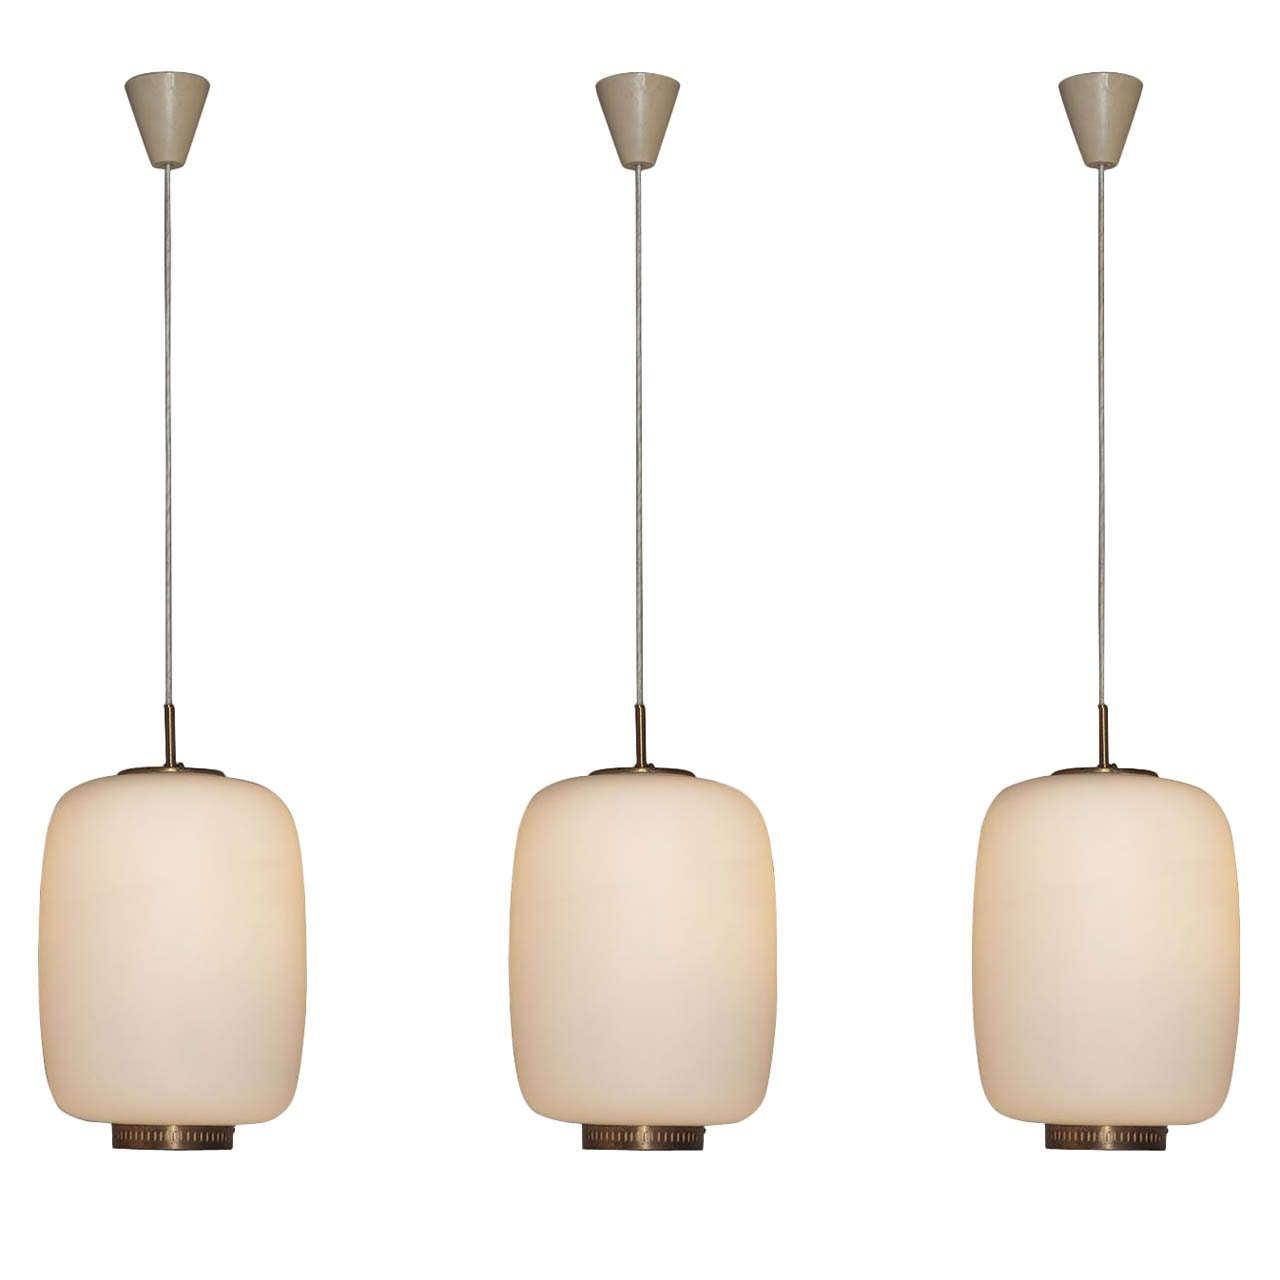 Set of 6 Vilhelm Lauritzen pendants, opaline shade and